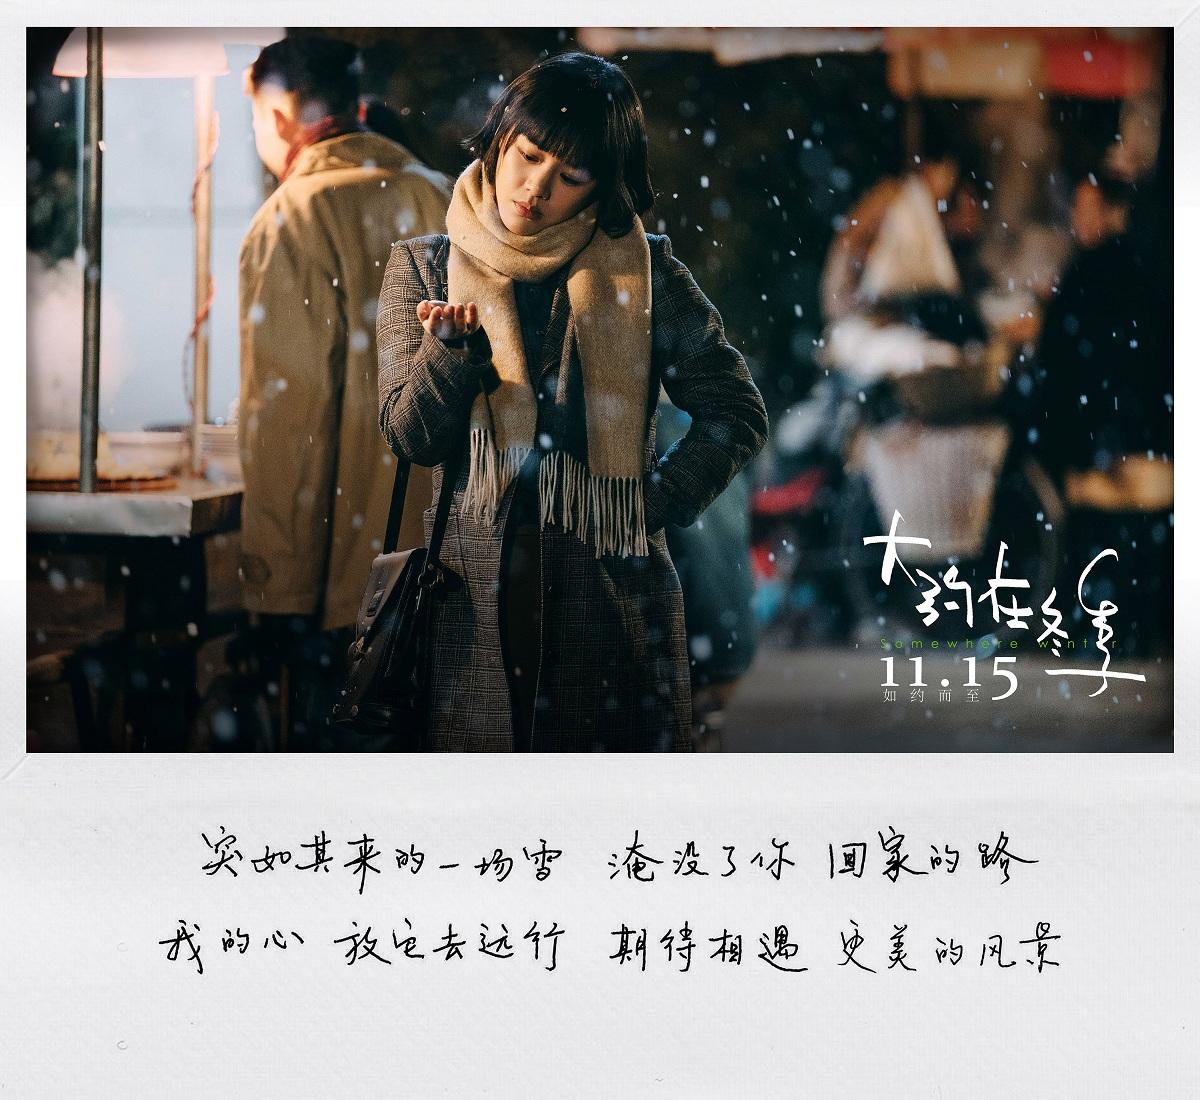 马思纯温暖献唱《大约在冬季》主题曲 ?#36164;?#20070;写歌词传递无限勇敢